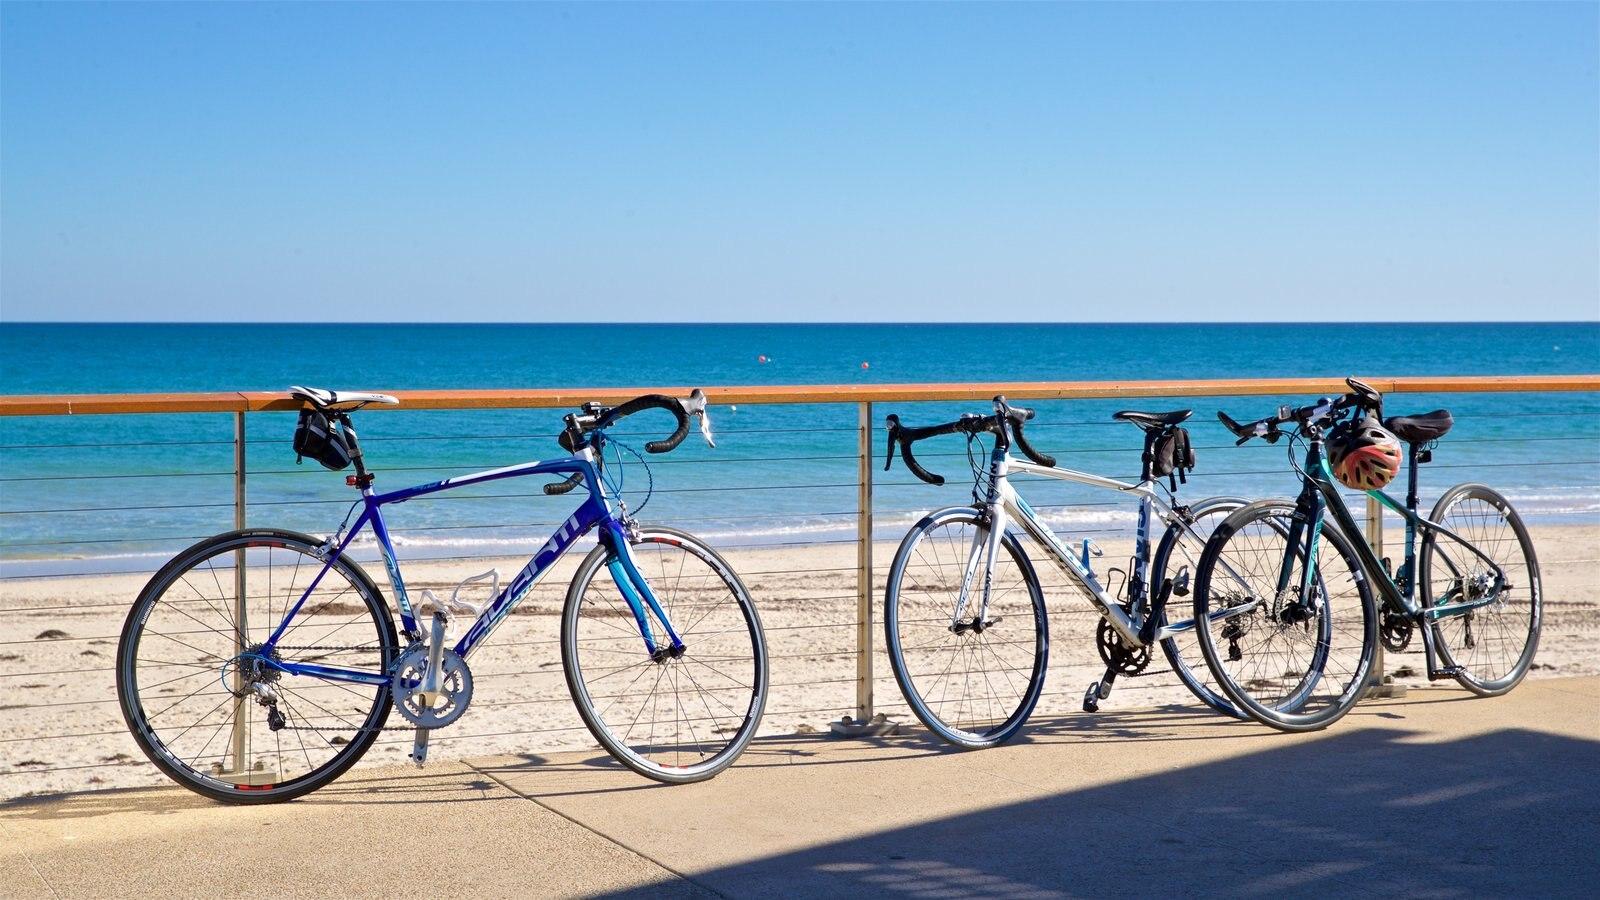 Playa Henley ofreciendo una playa de arena y vistas generales de la costa